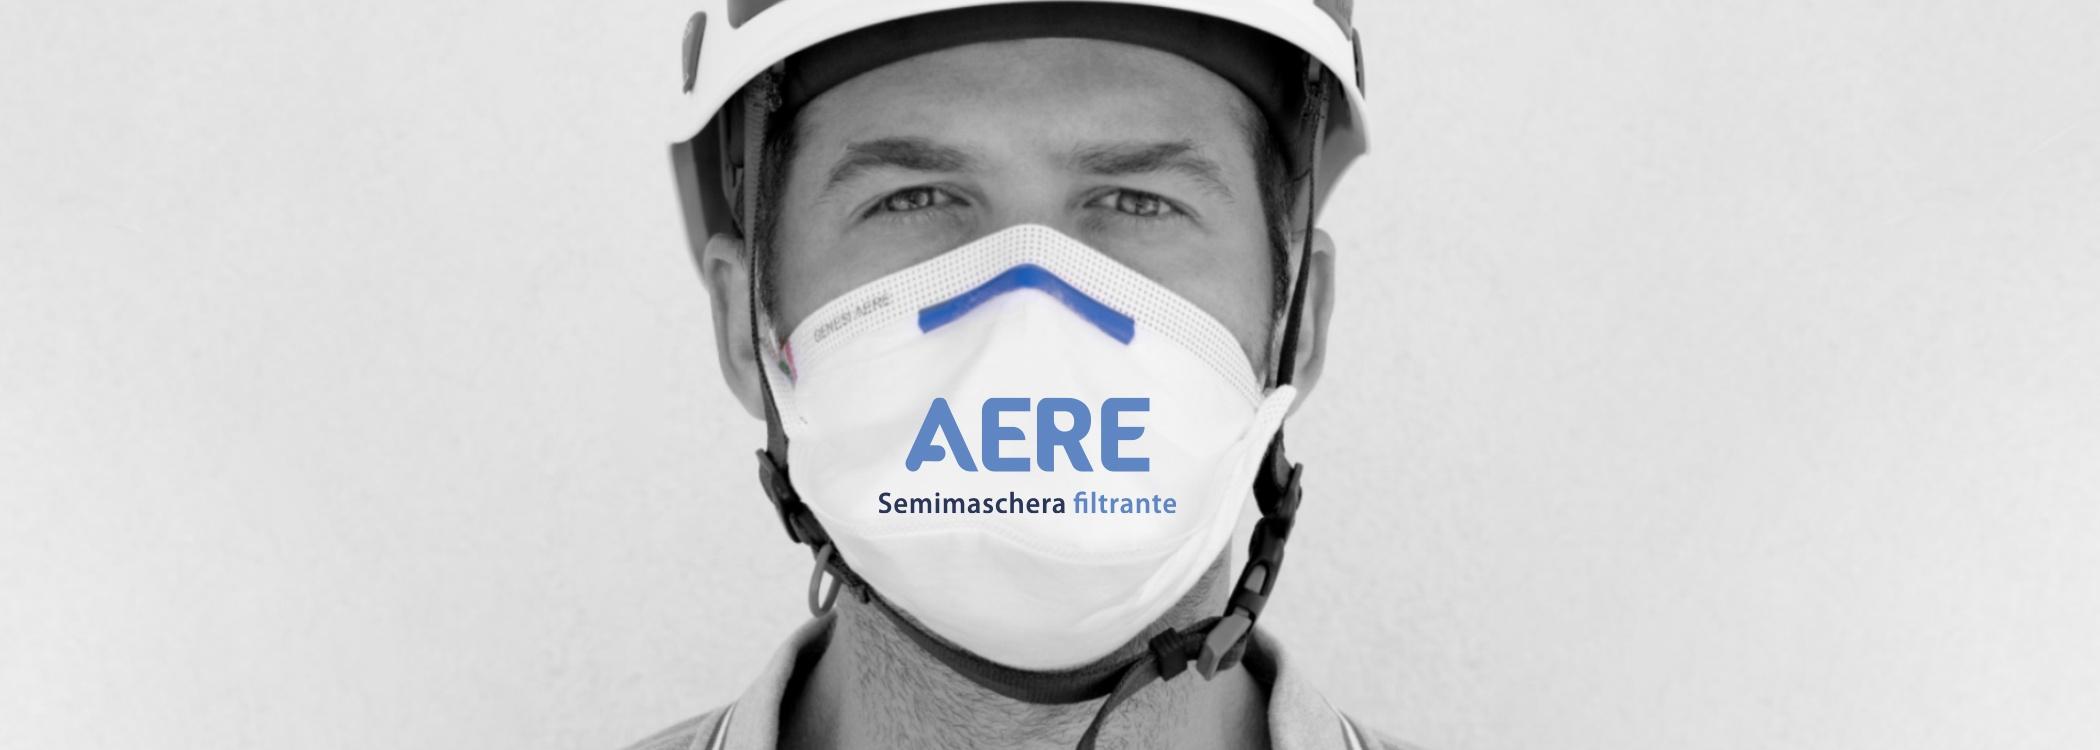 Aere Mask | Lazzaroni s.r.l.